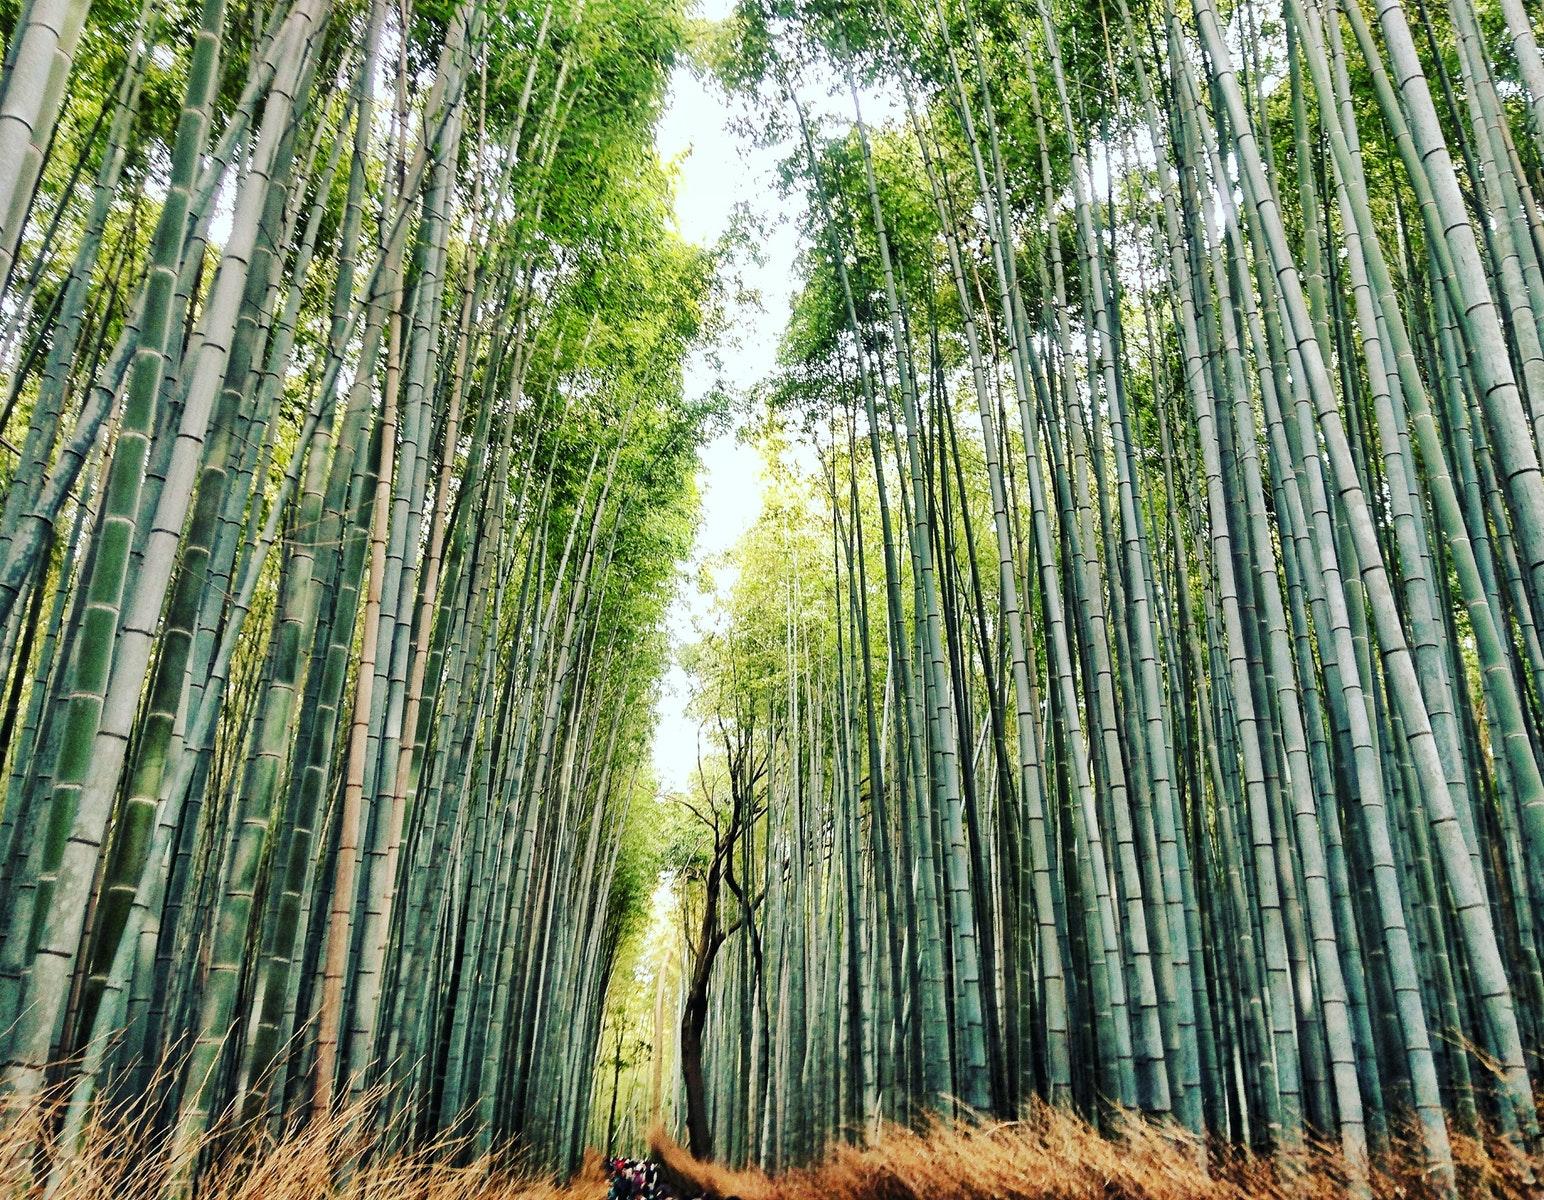 Bamboo Toothbrush: bamboo stalks